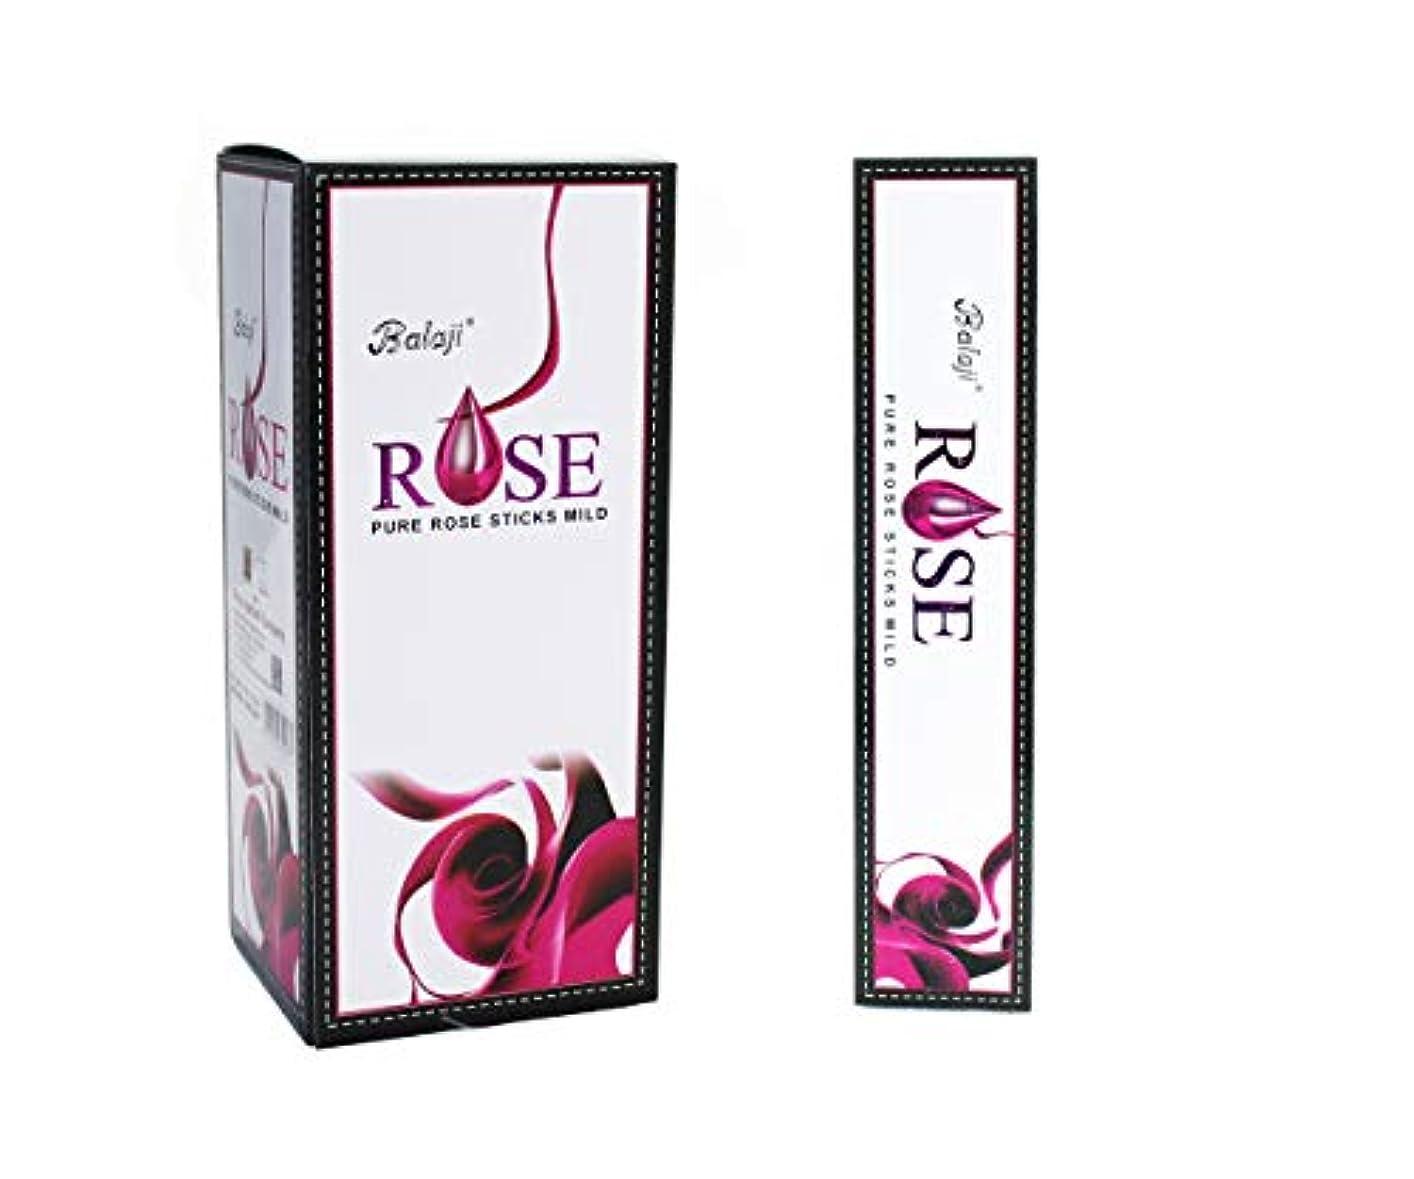 同様にヘクタールまもなくBalaji Rose - Pure Rose Sticks Mild - 12 Packs of 15 Sticks Each